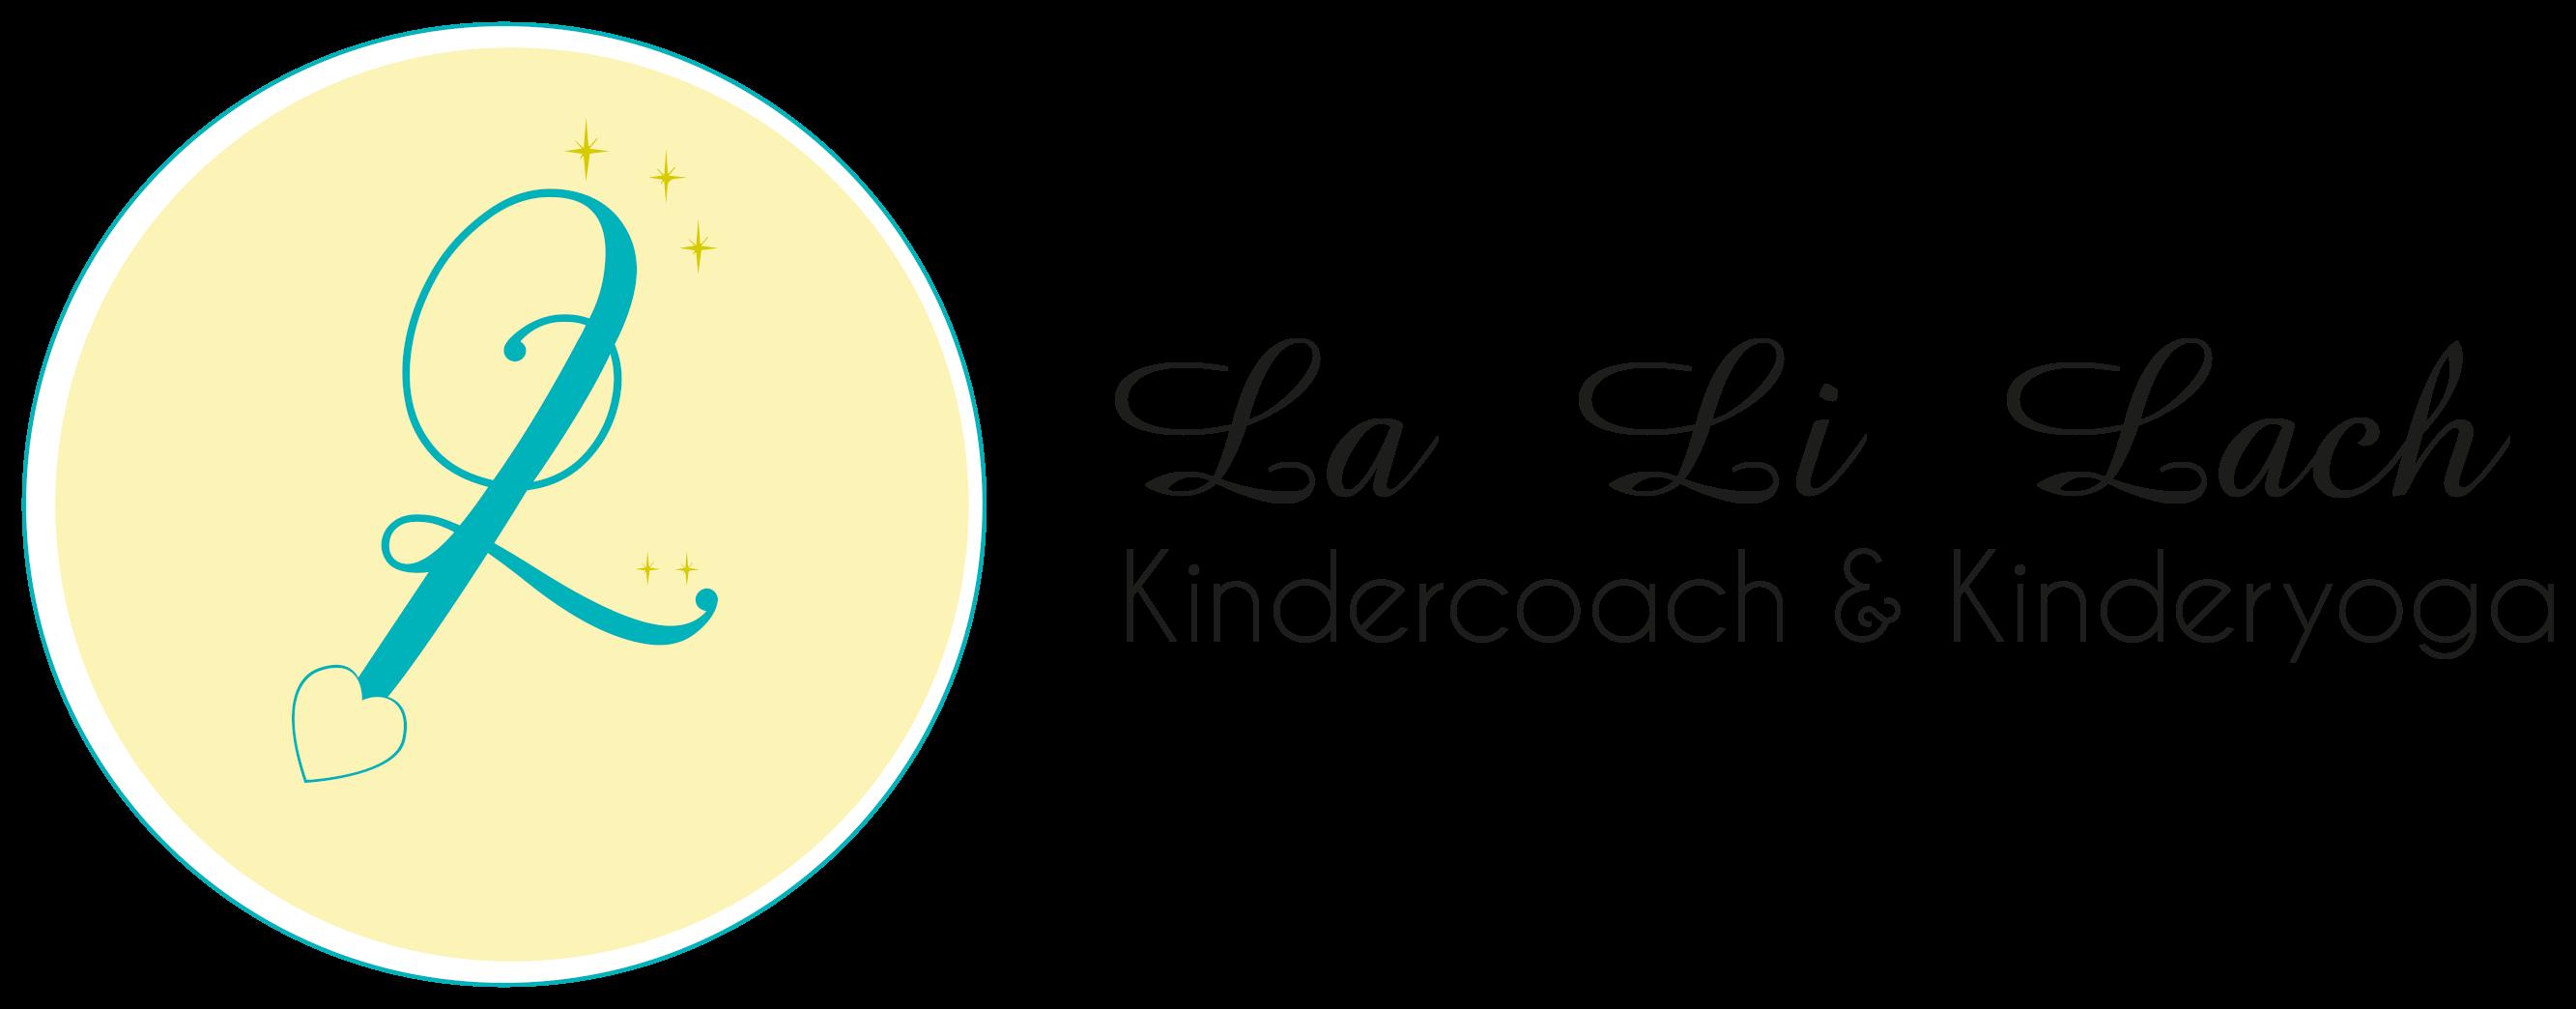 La*Li*Lach Kindercoach & Kinderyoga